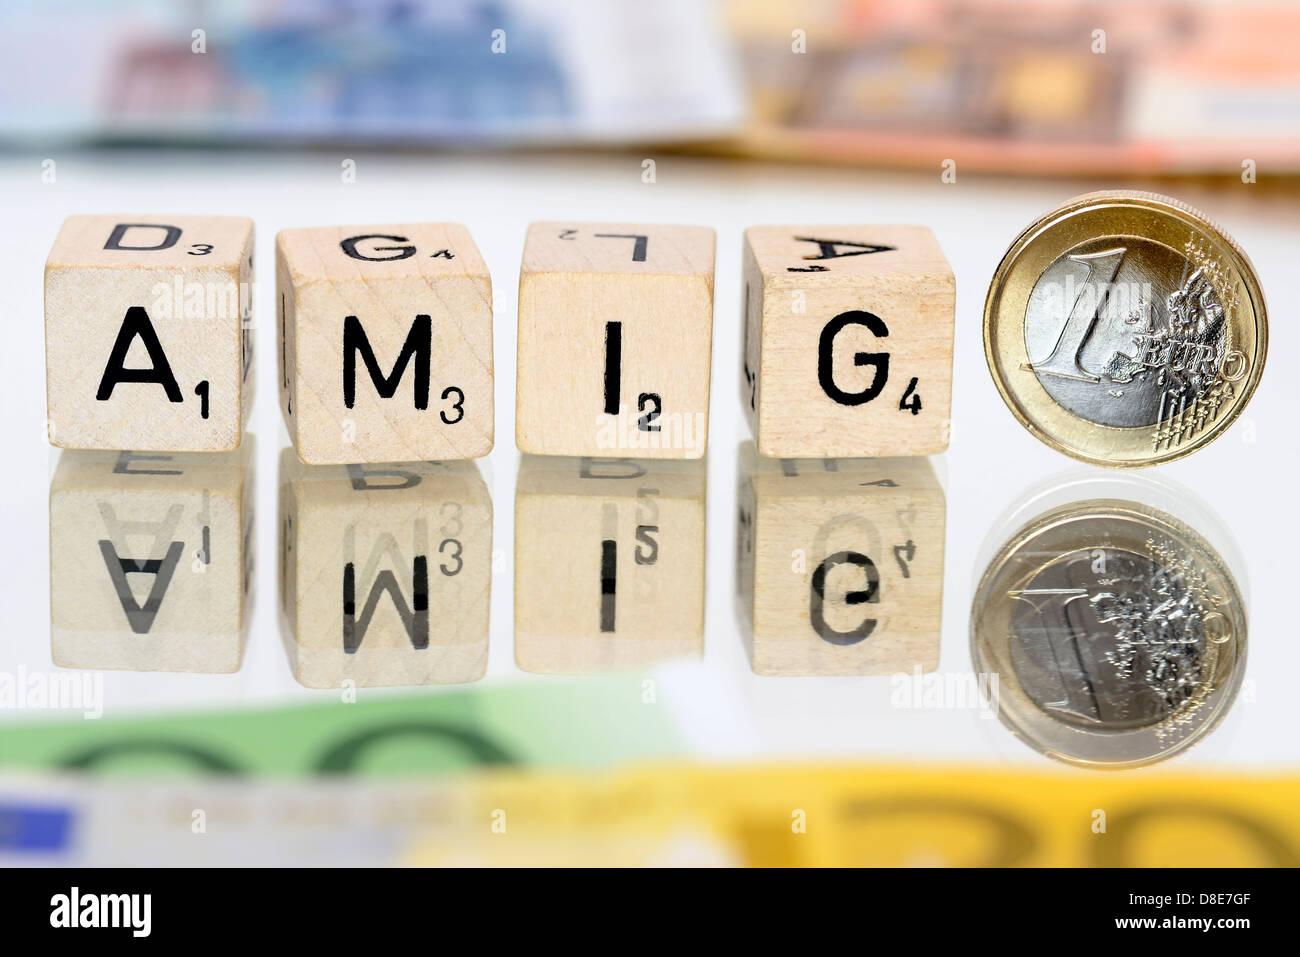 La palabra amigo con cartas y monedas de euro, Amigo asunto Imagen De Stock